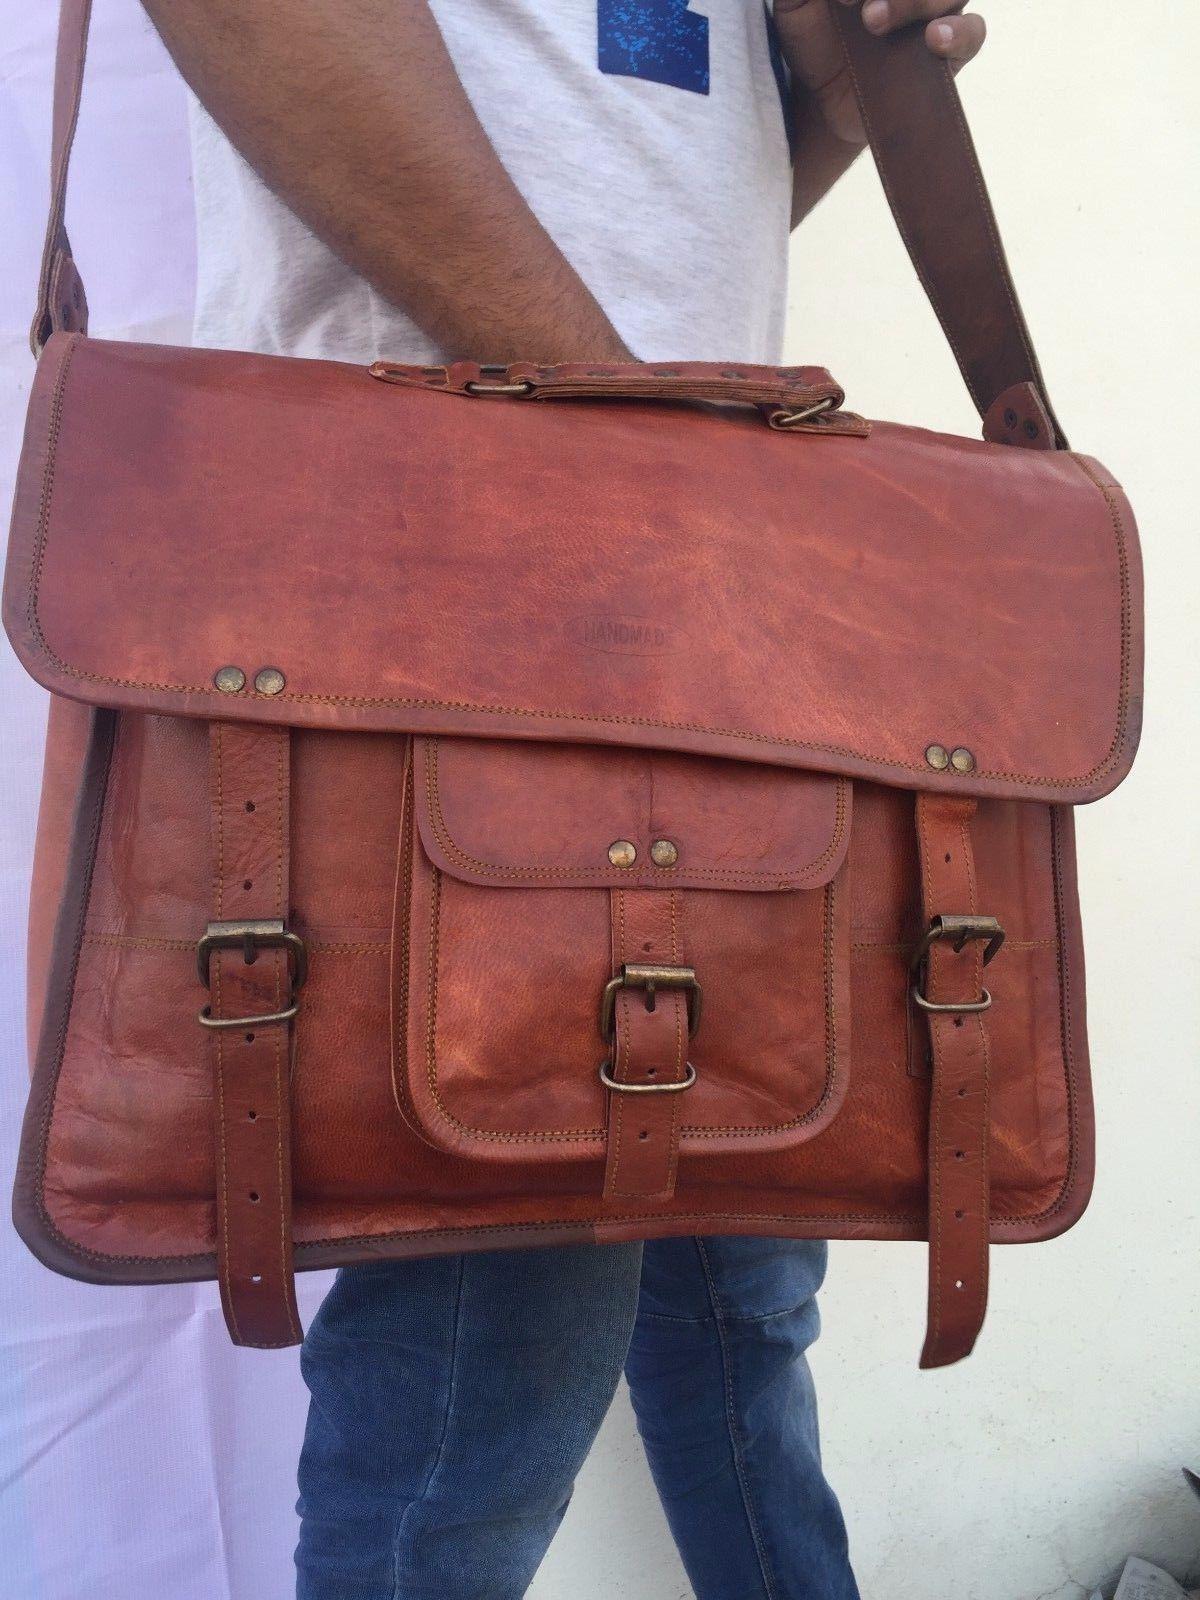 2017 Men's Vintage Looking Leather Messenger Bag Briefcase Shoulder Bag Handmade